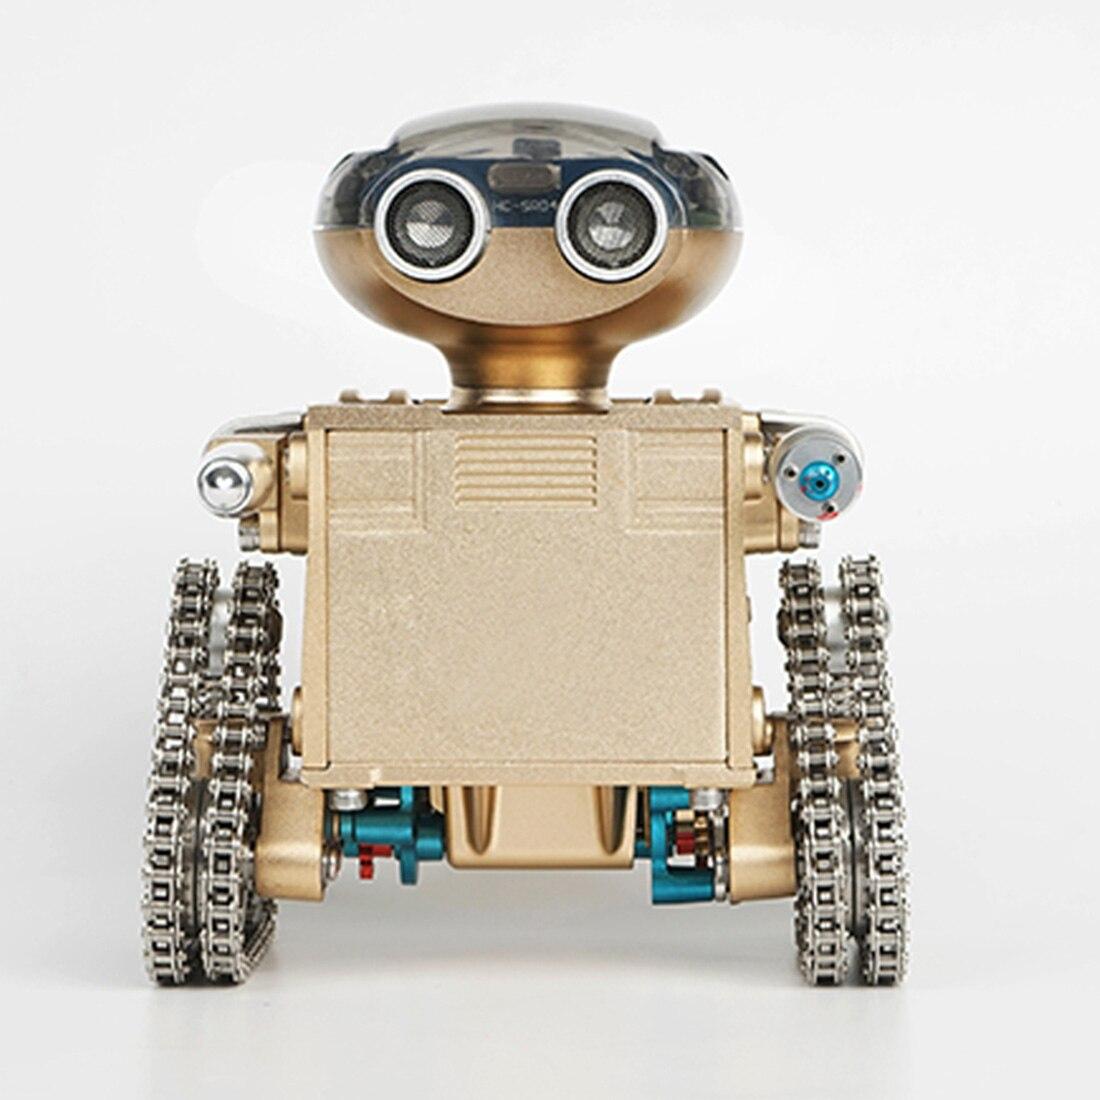 DIY Metall Intelligente Fernbedienung Smart Roboter Montage Pädagogische Modell Gebäude Spielzeug Geburtstag Geschenk für Junge Über 10 - 2